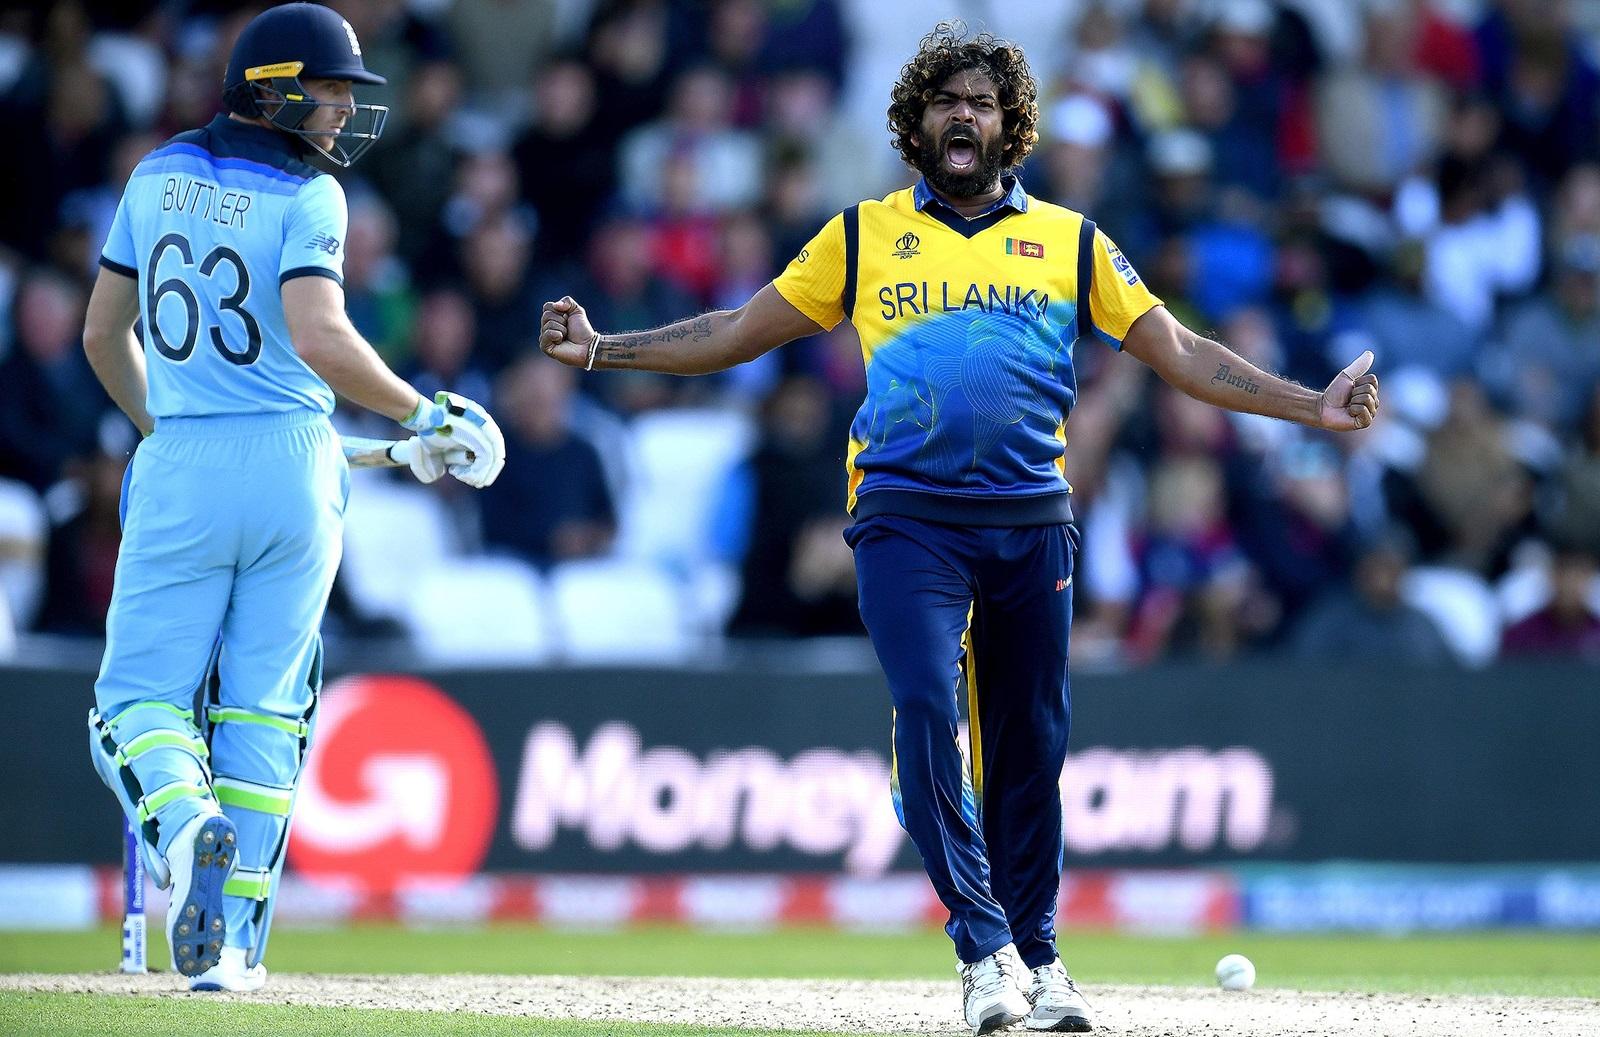 Malinga Steers Sri Lanka To Stunning Upset Cricket Com Au